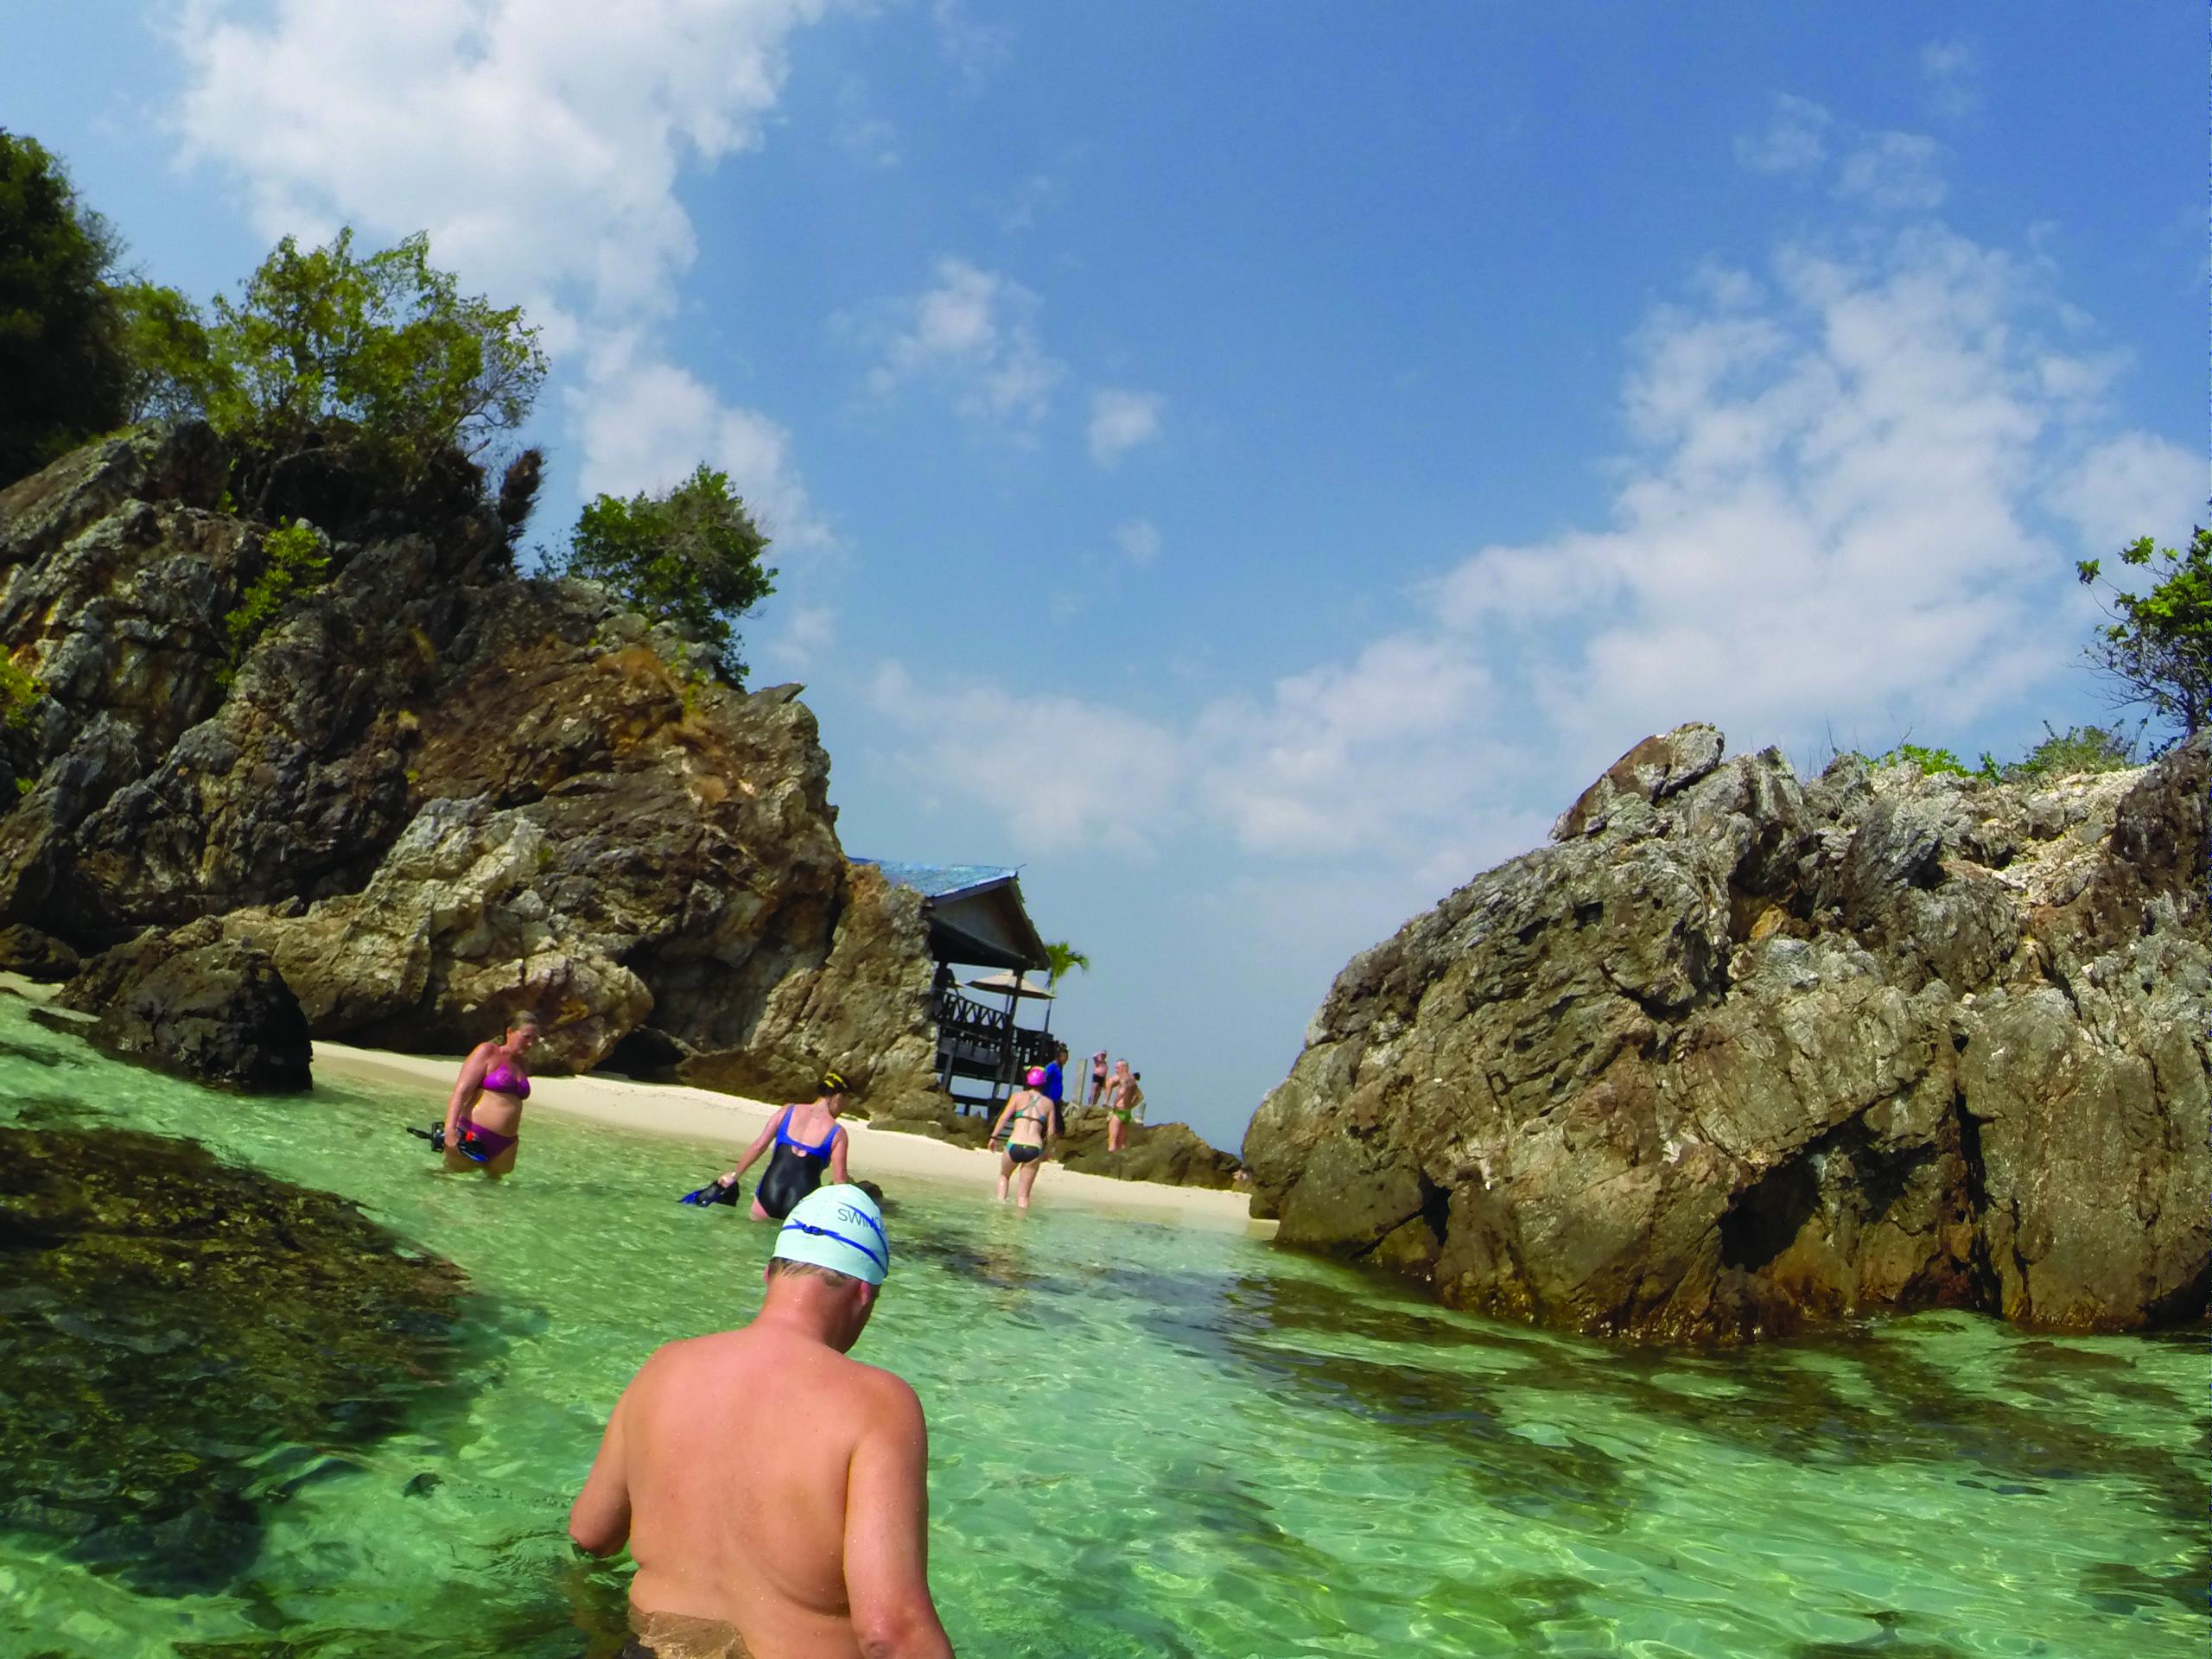 THAILAND SWIMQUEST HOLIDAYS